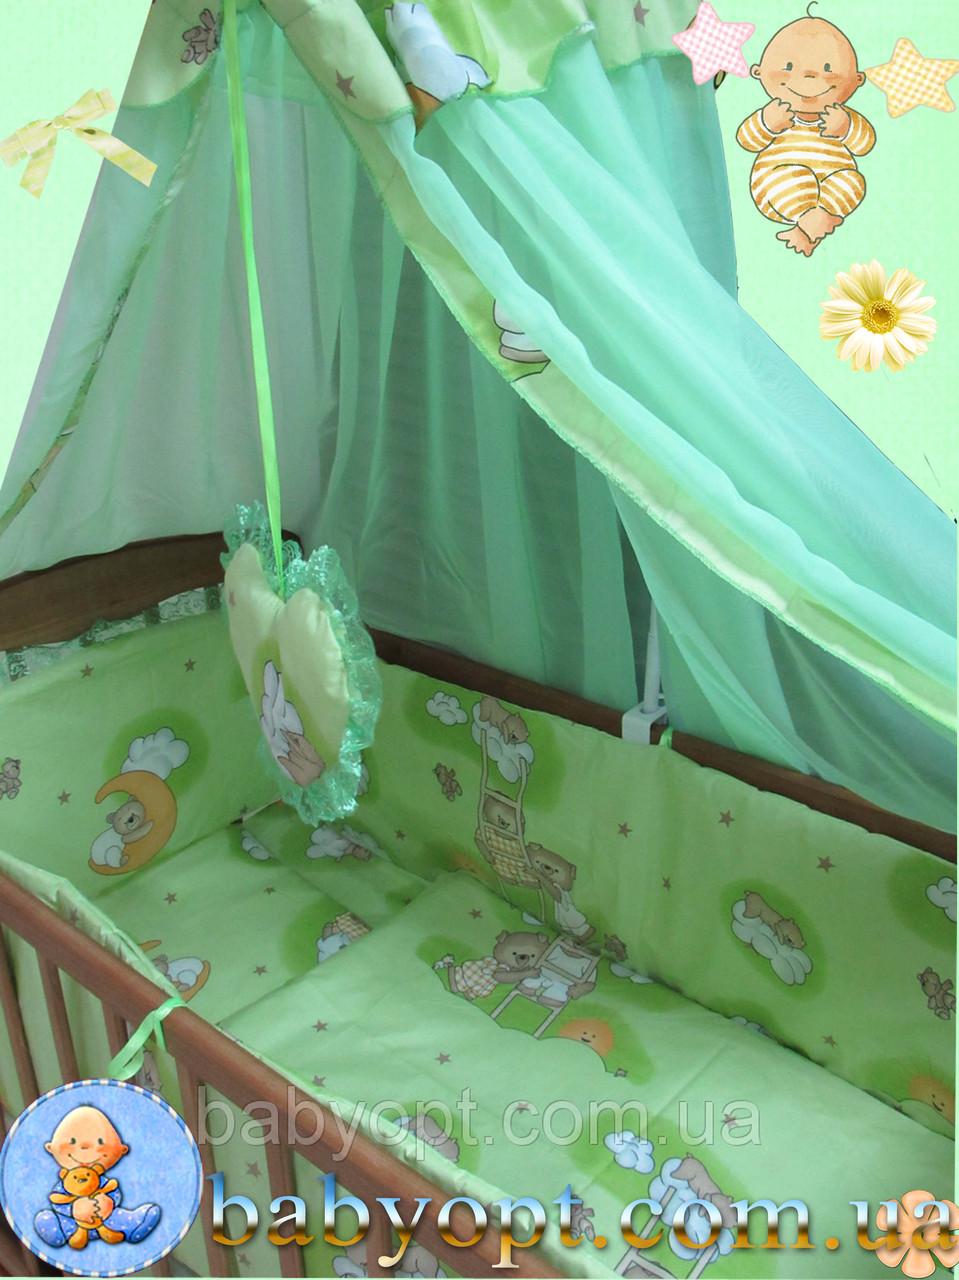 Сменный постельный комплект 3 ед. Мишки на лестнице салатовый